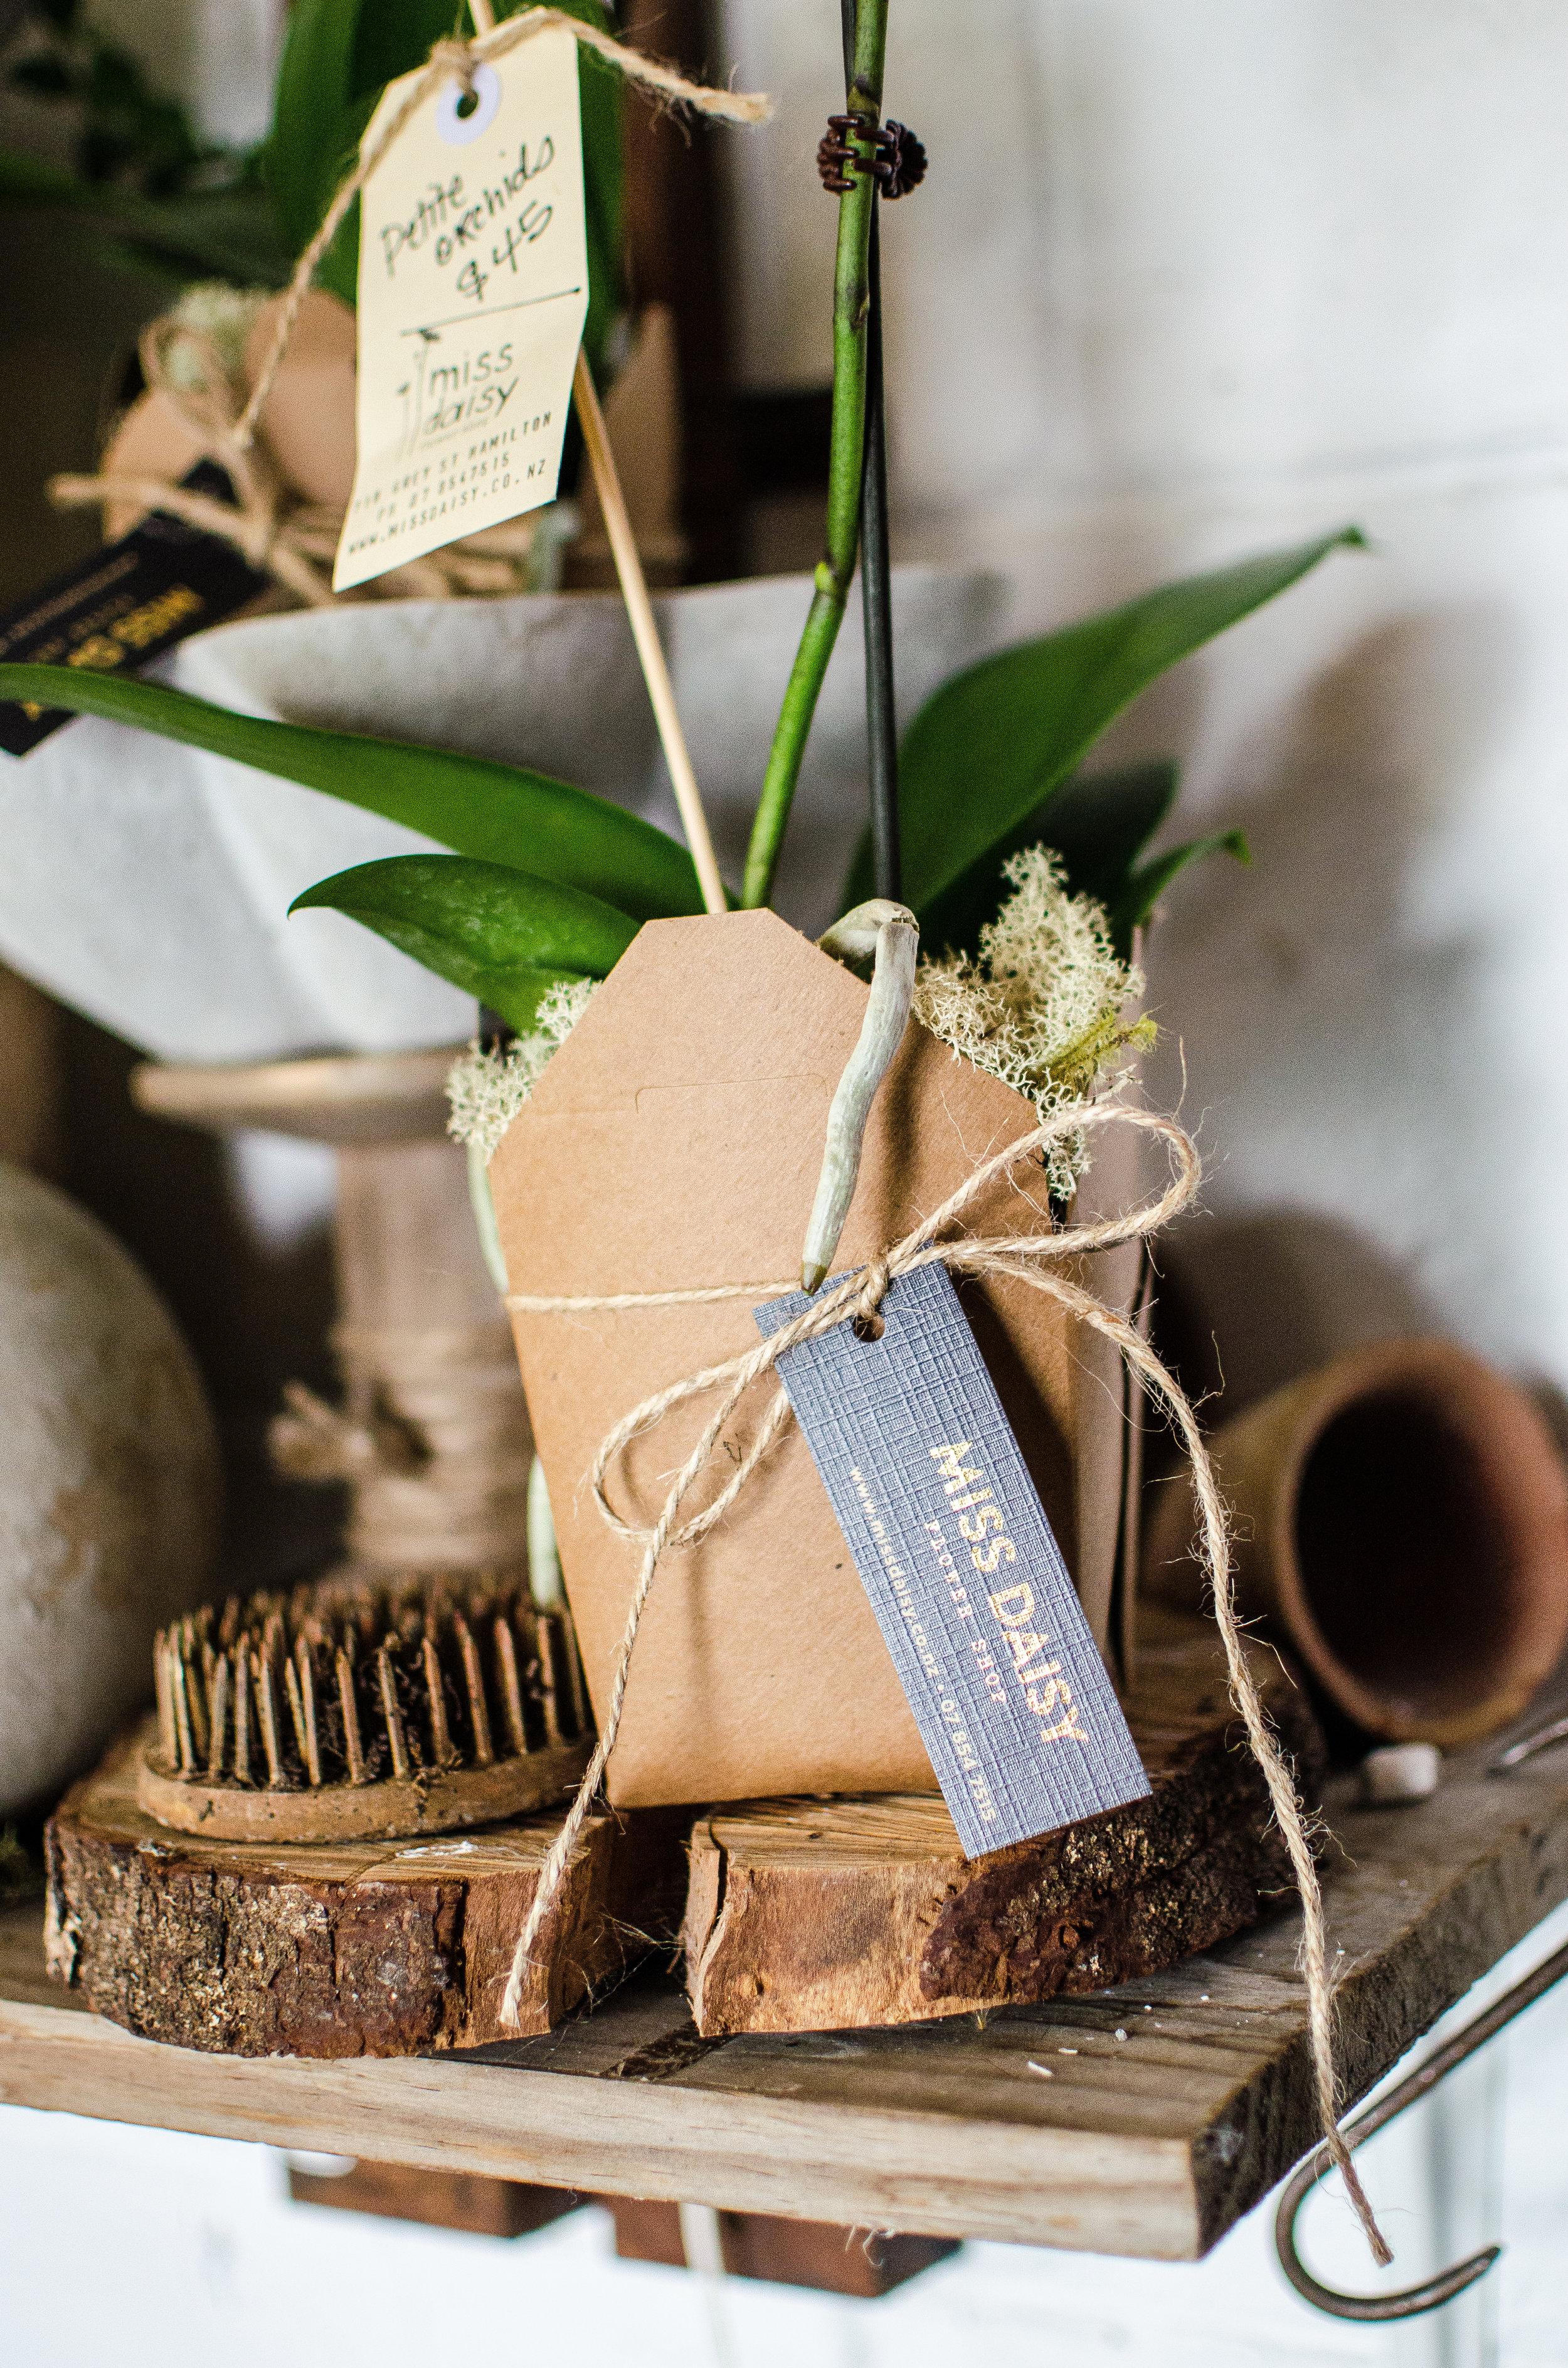 Miss Daisy Flower Shop - Audrey Fitzjohn Blog